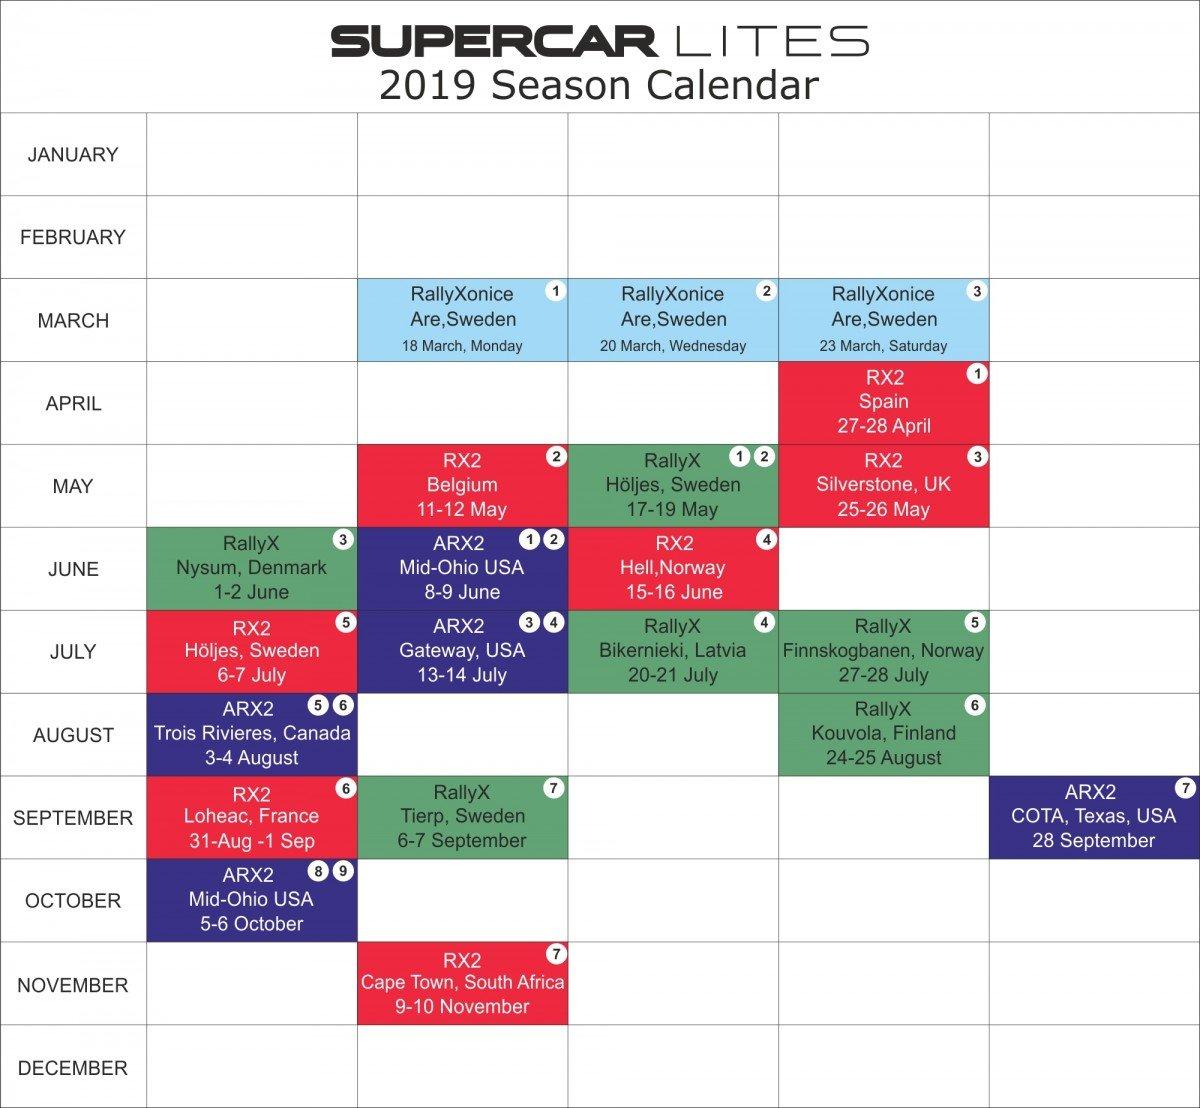 Calendar | Supercarlites Rally X Calendar 2019